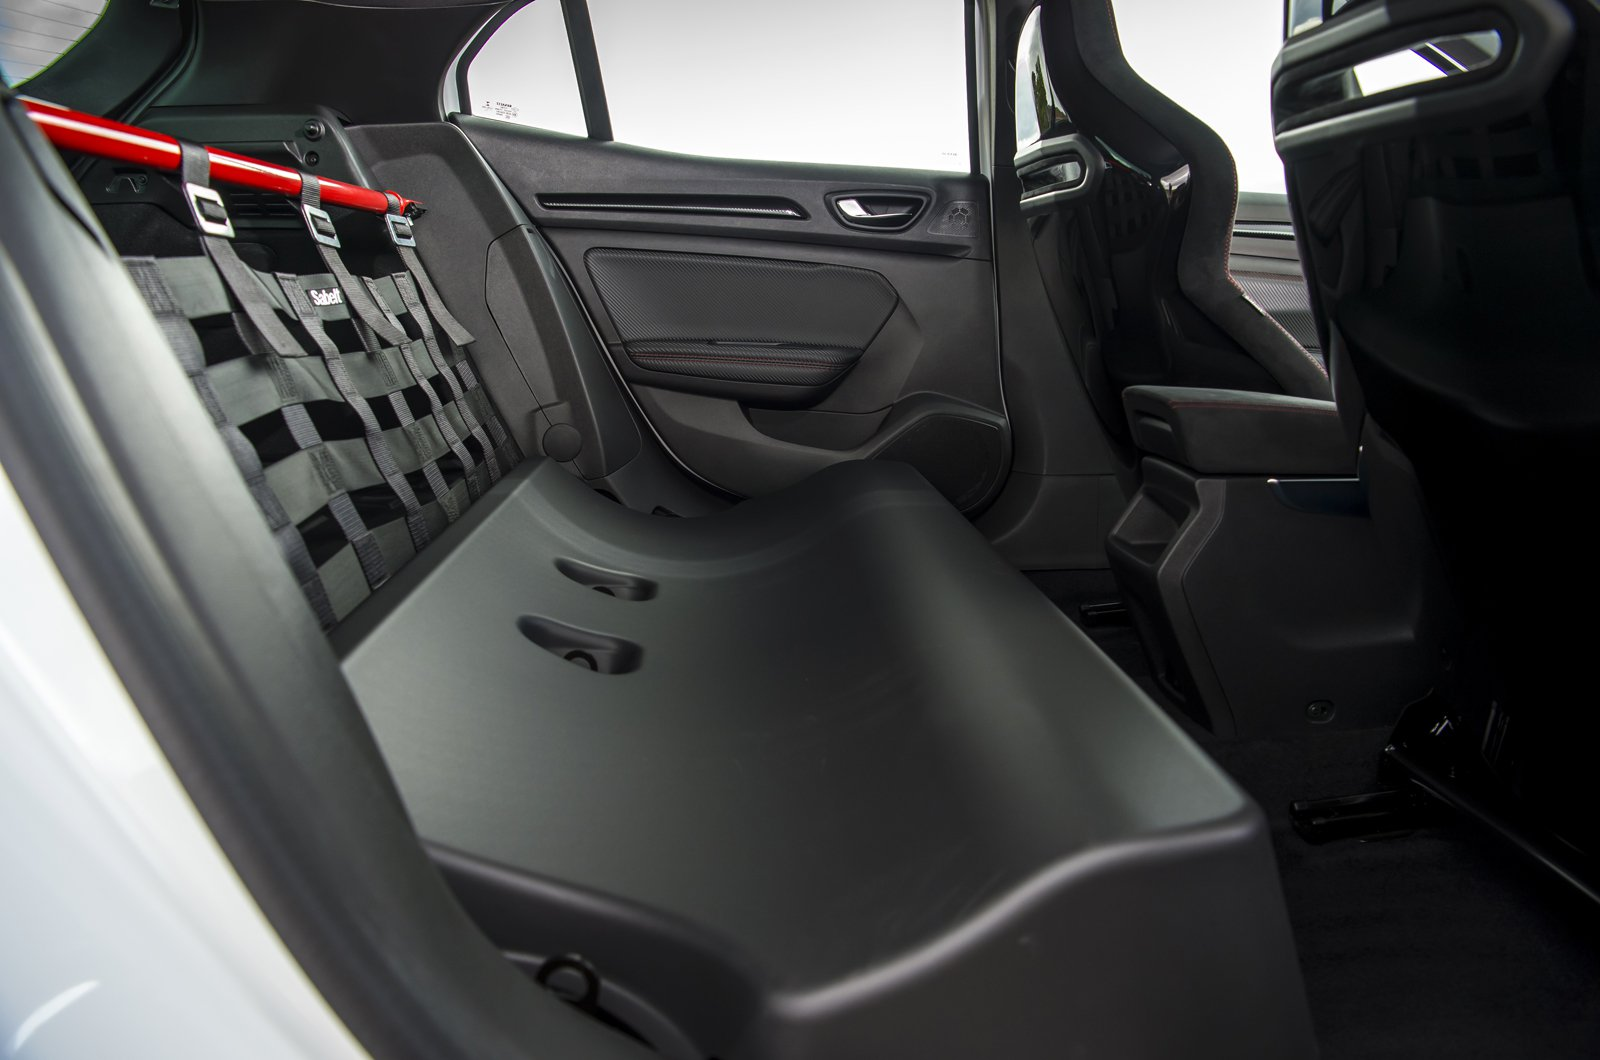 Renault Megane RS Trophy-R interior